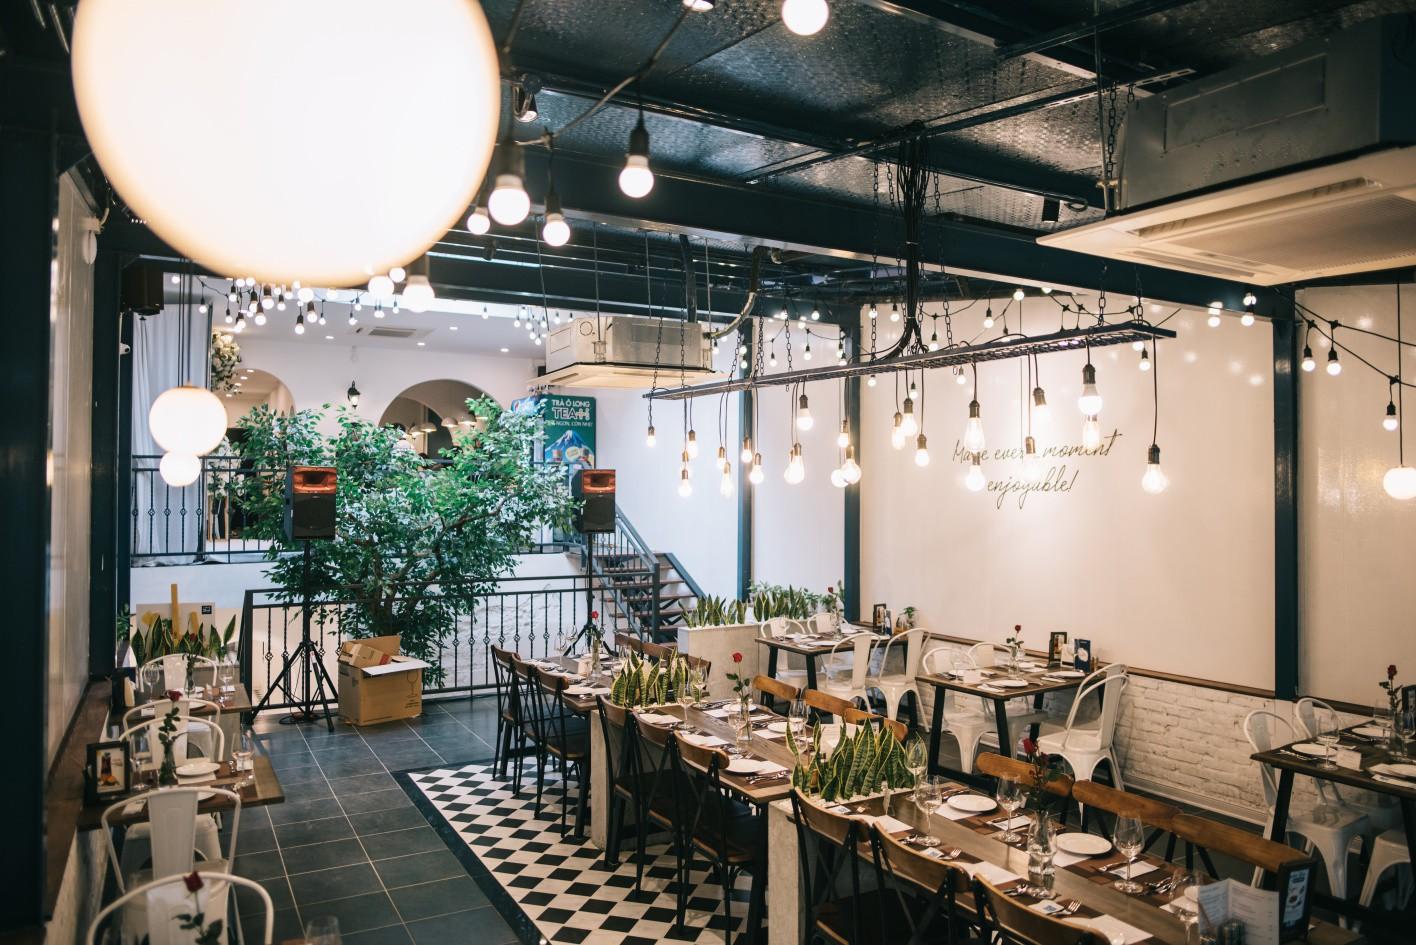 Thiết kế nội thất nhà hàng thời thượng